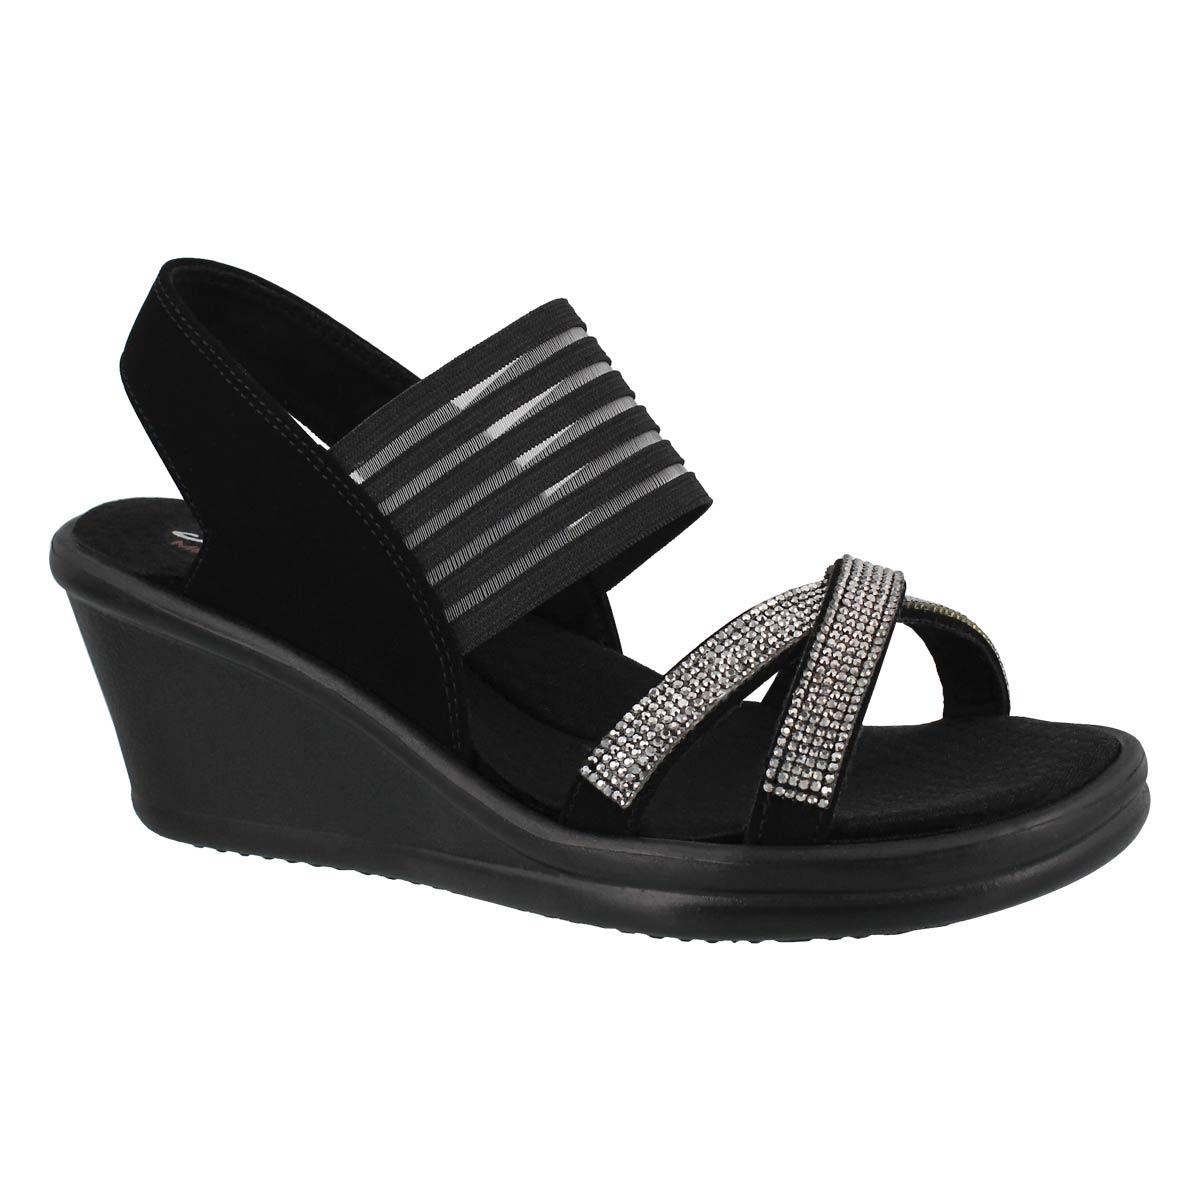 Sandales avec pierres du Rhin RUMBLERS, nr, femmes